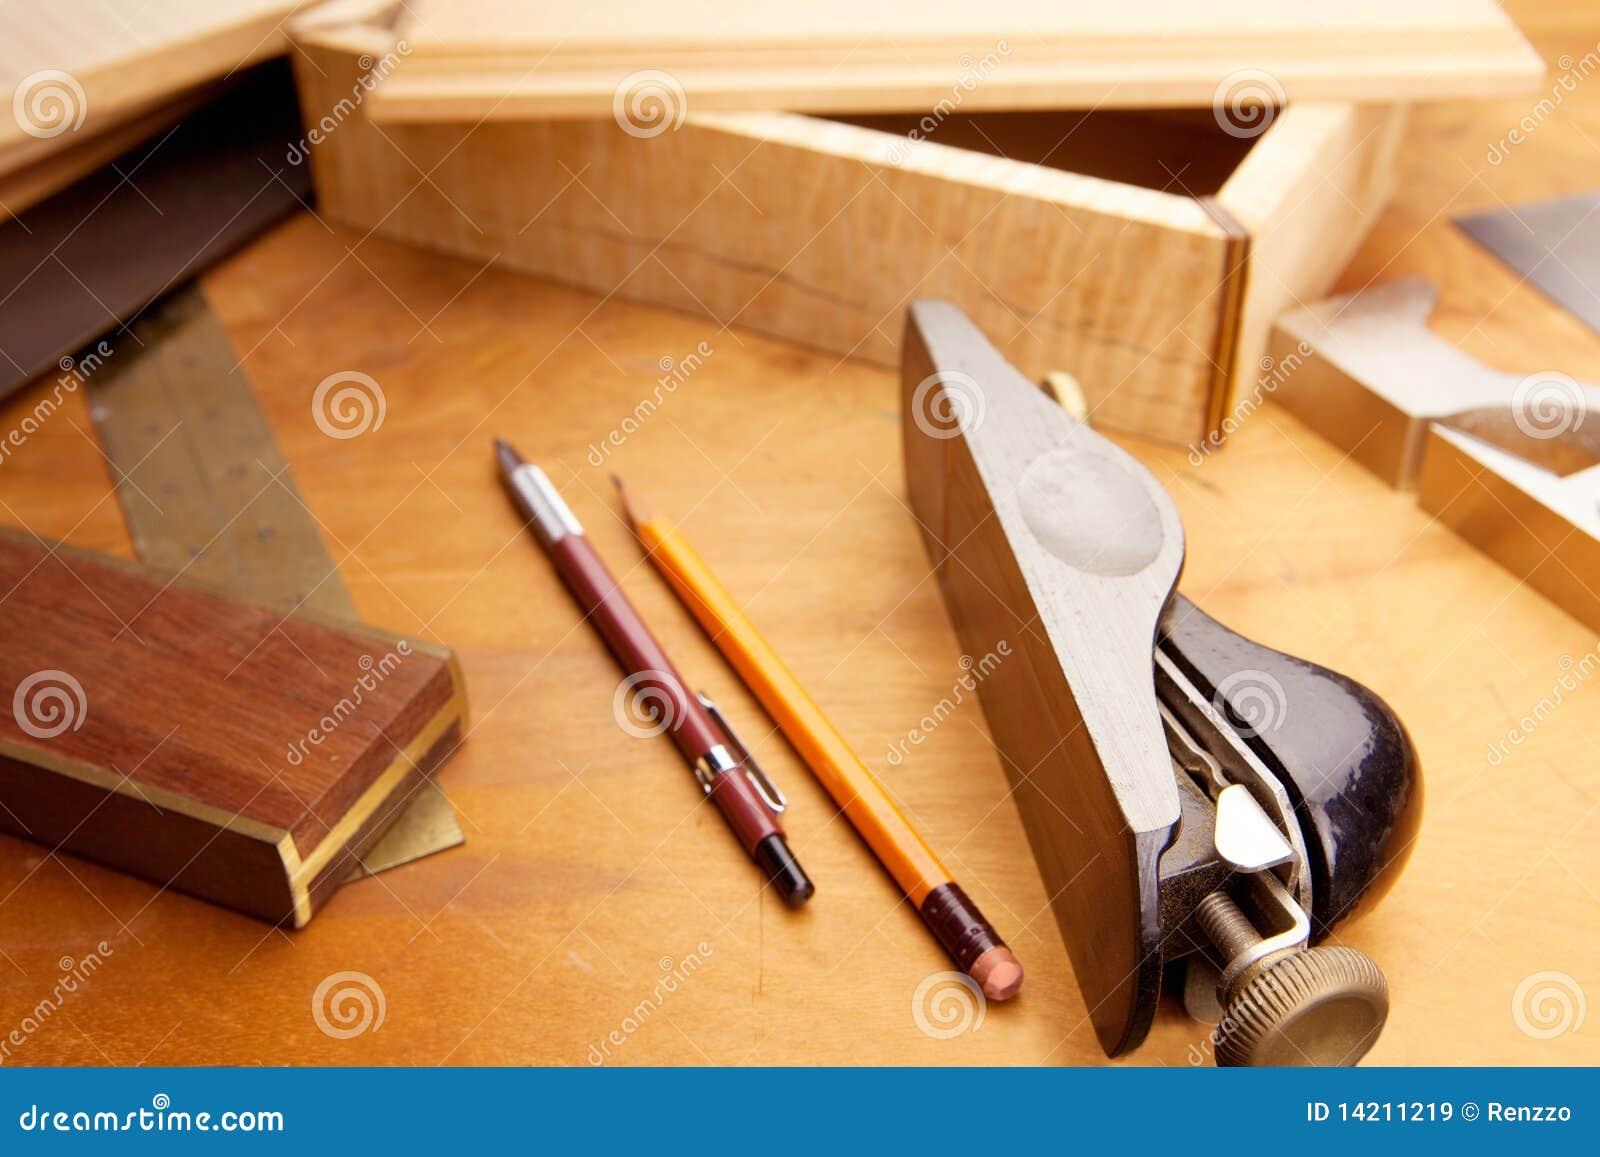 Fijne houtbewerking stock afbeelding afbeelding bestaande - Materiales de carpinteria ...